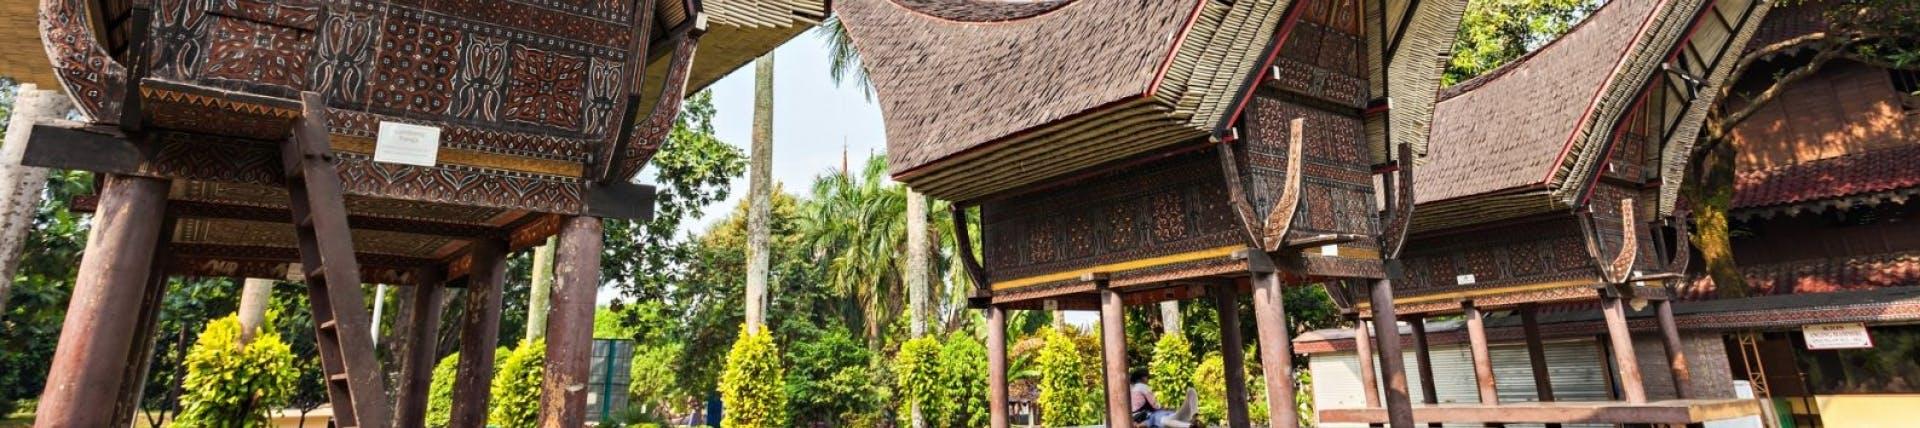 Picture of Yogyakarta